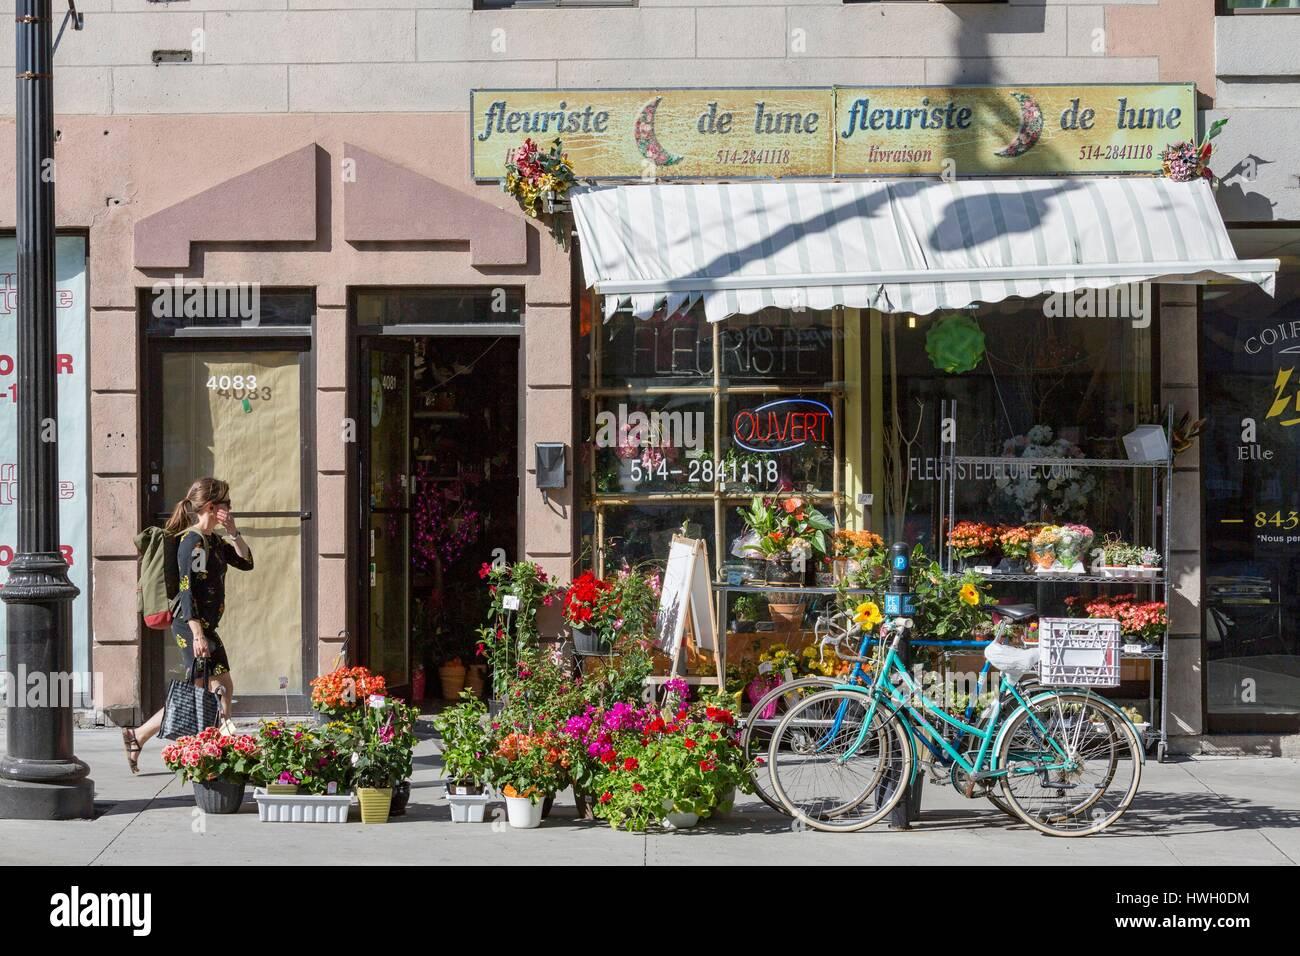 Canada, Quebec province, Montreal, Plateau Mont Royal, boulevard Saint Laurent, De Lune florist - Stock Image